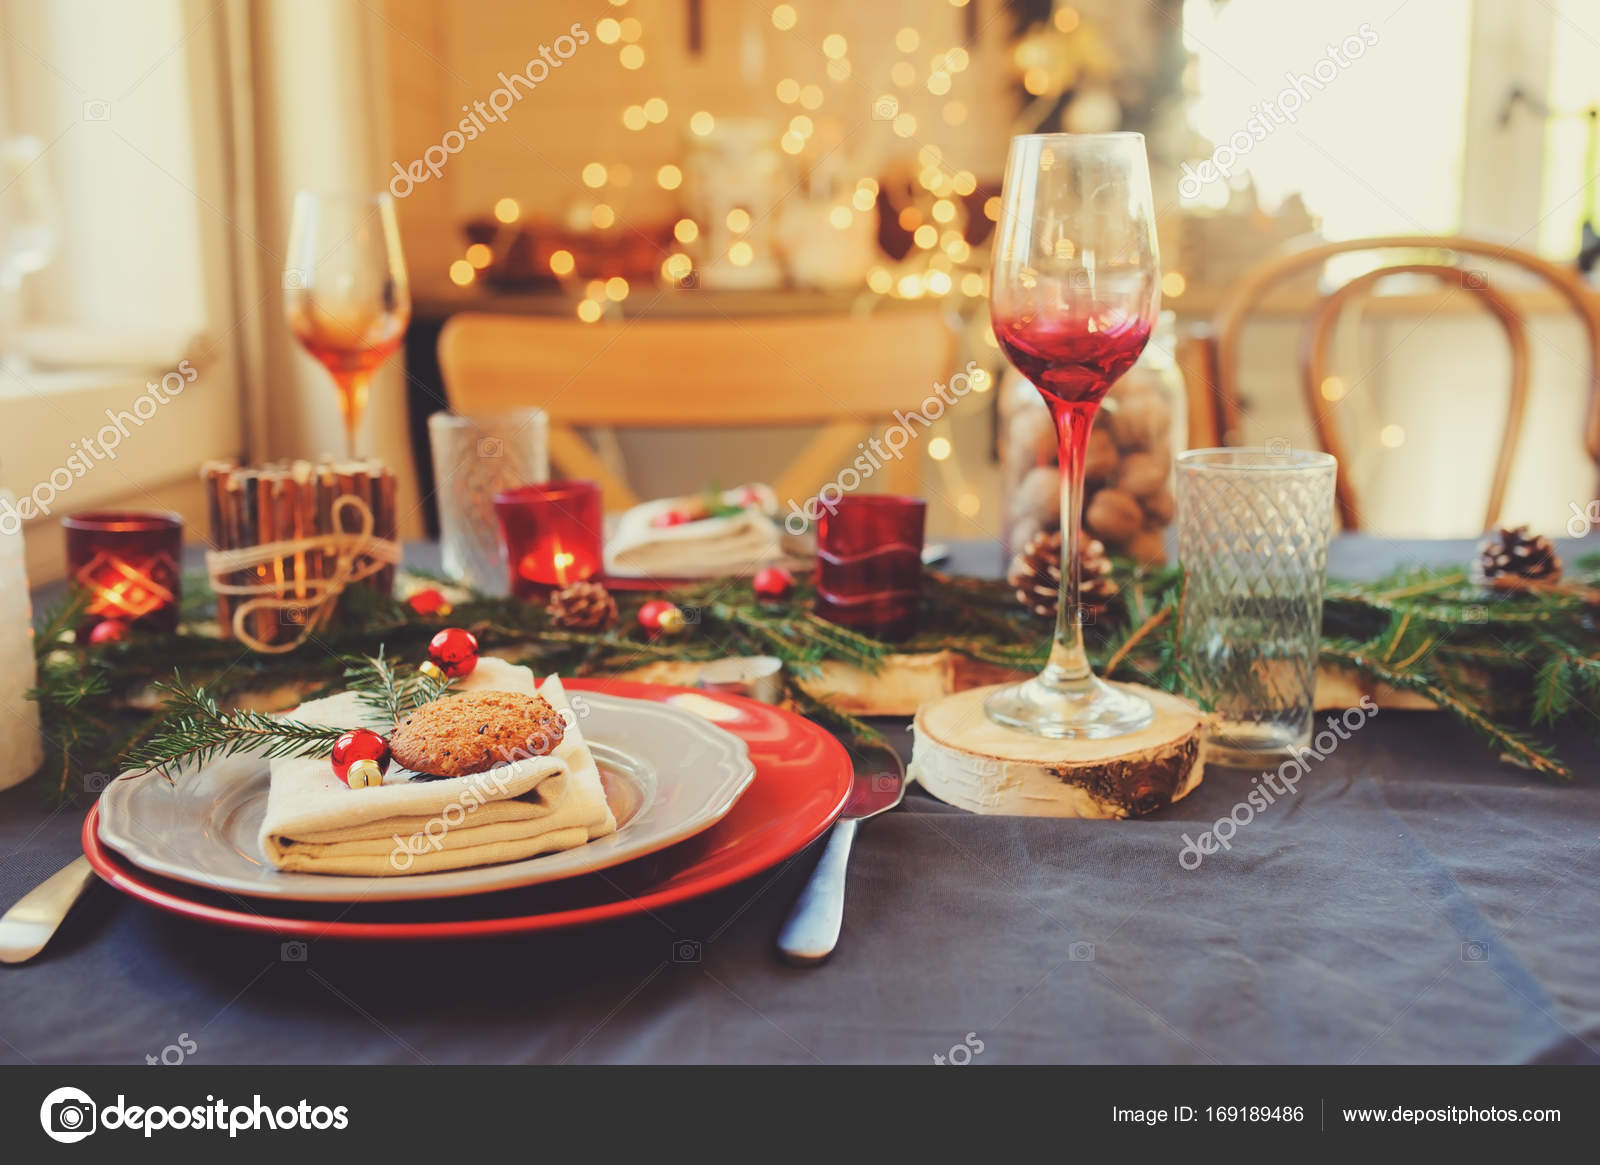 Tischdekoration Für Die Feier Von Weihnachten Und Neujahr Festlich